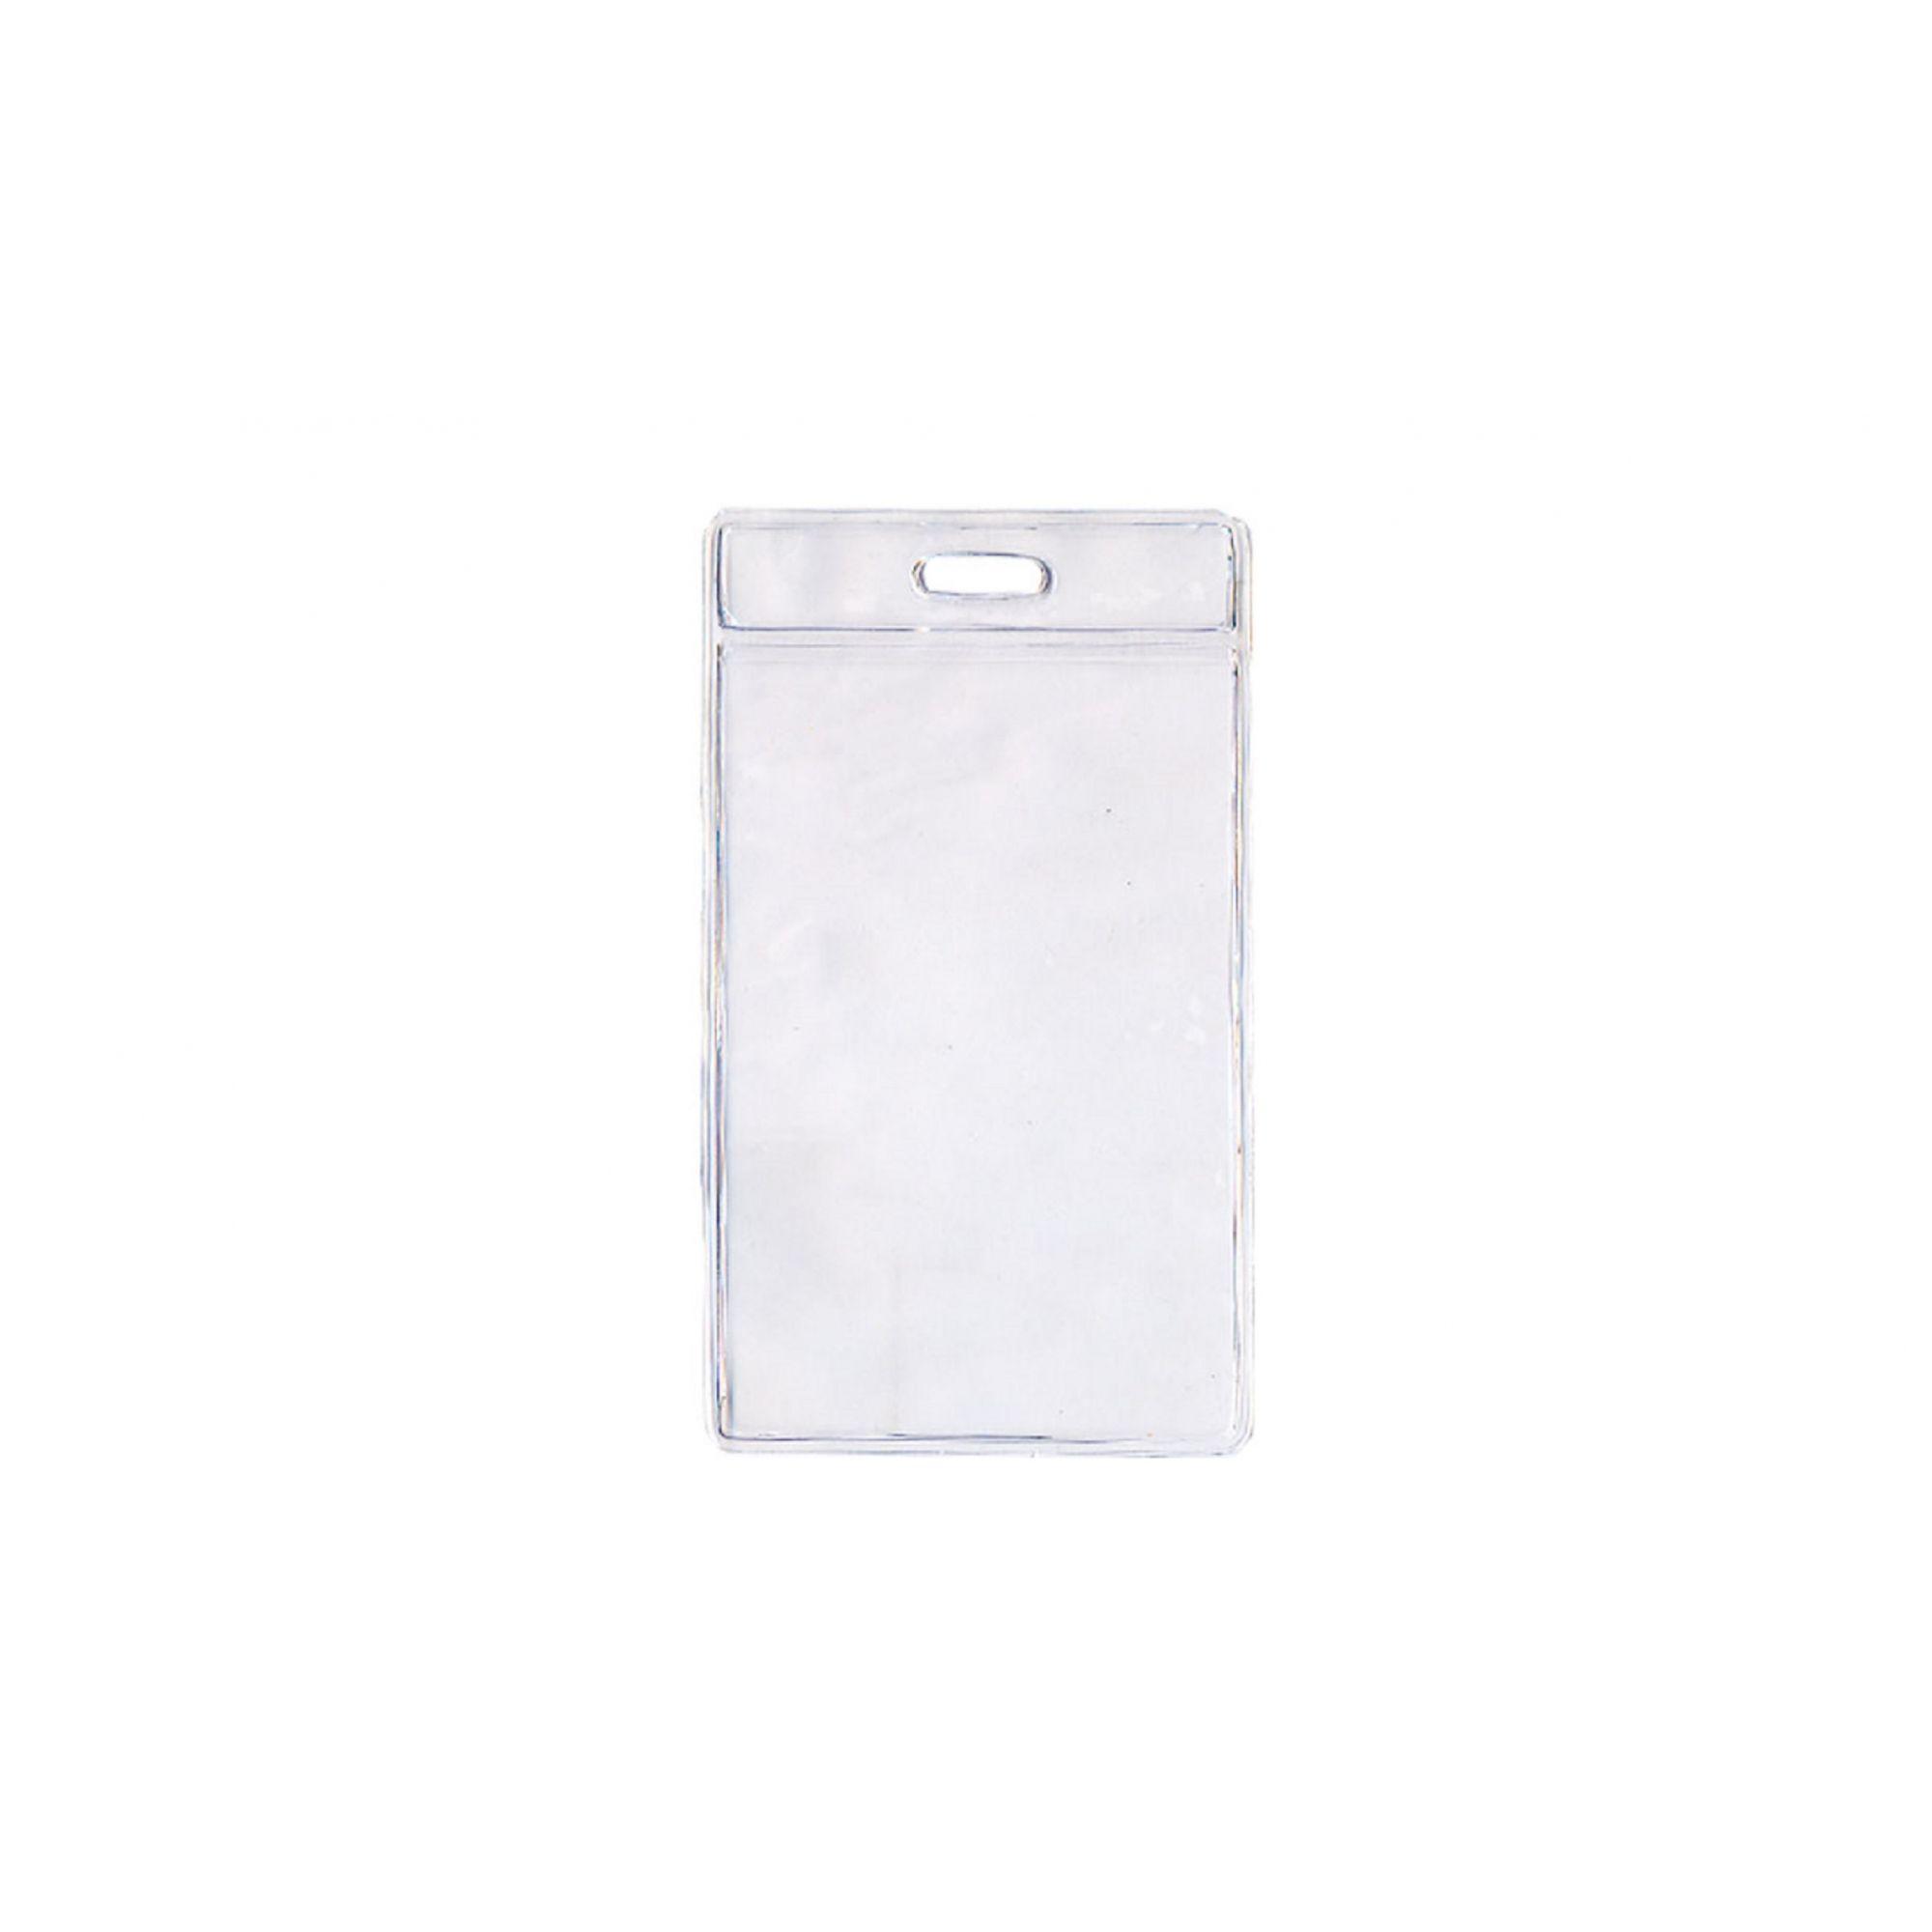 Kit 1000 Protetores Porta Crachá em Bolsa PVC Cristal Vertical 58x89x0,20mm  - Click Suprimentos